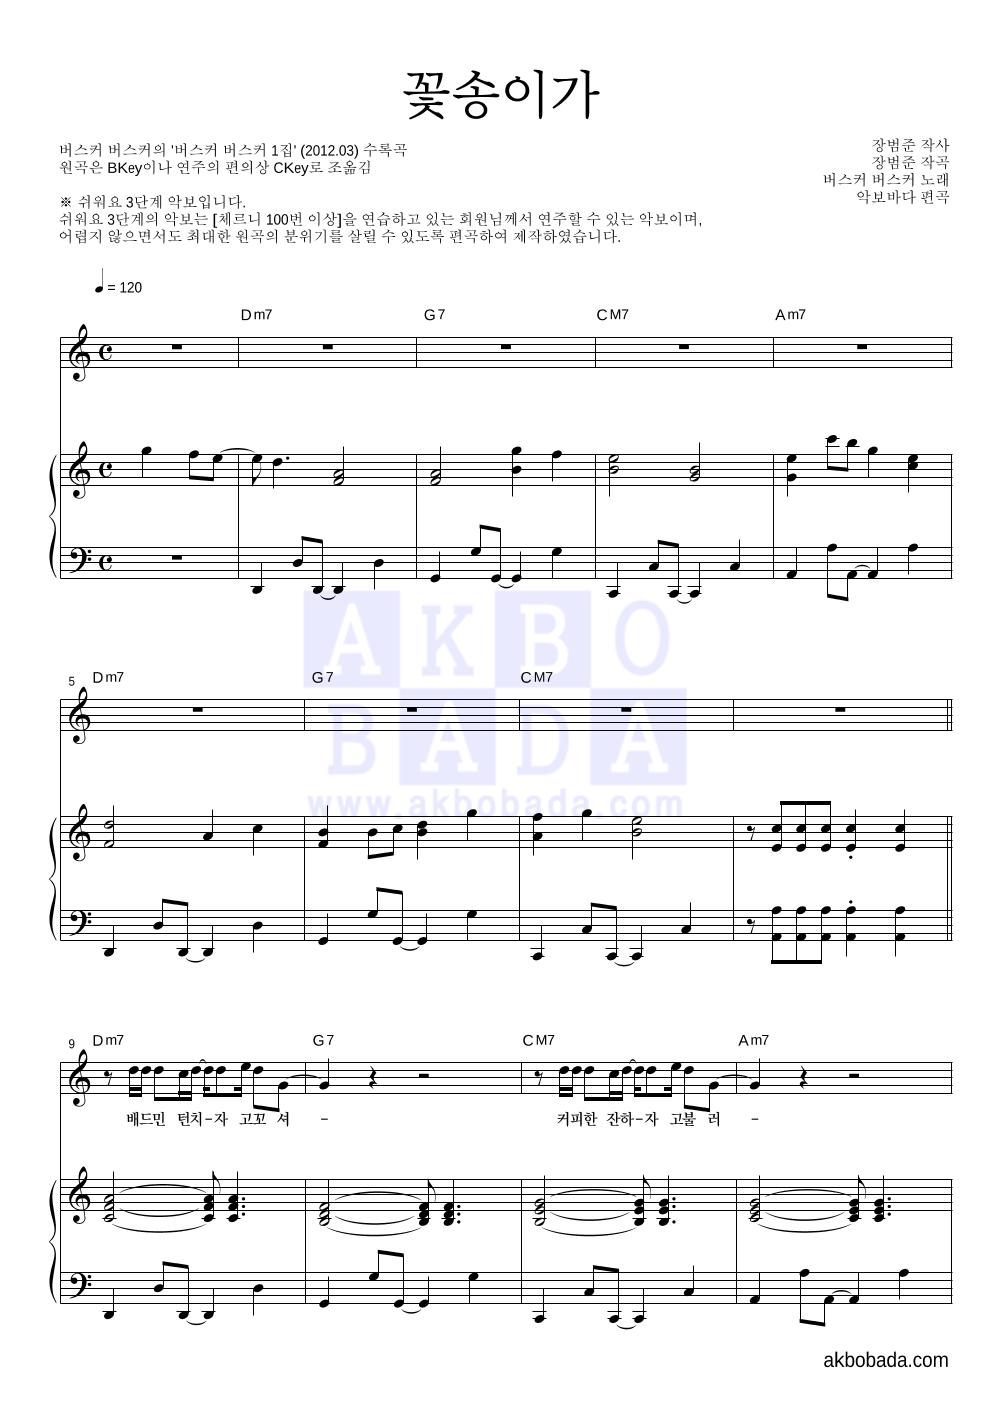 버스커 버스커 - 꽃송이가 피아노3단-쉬워요 악보